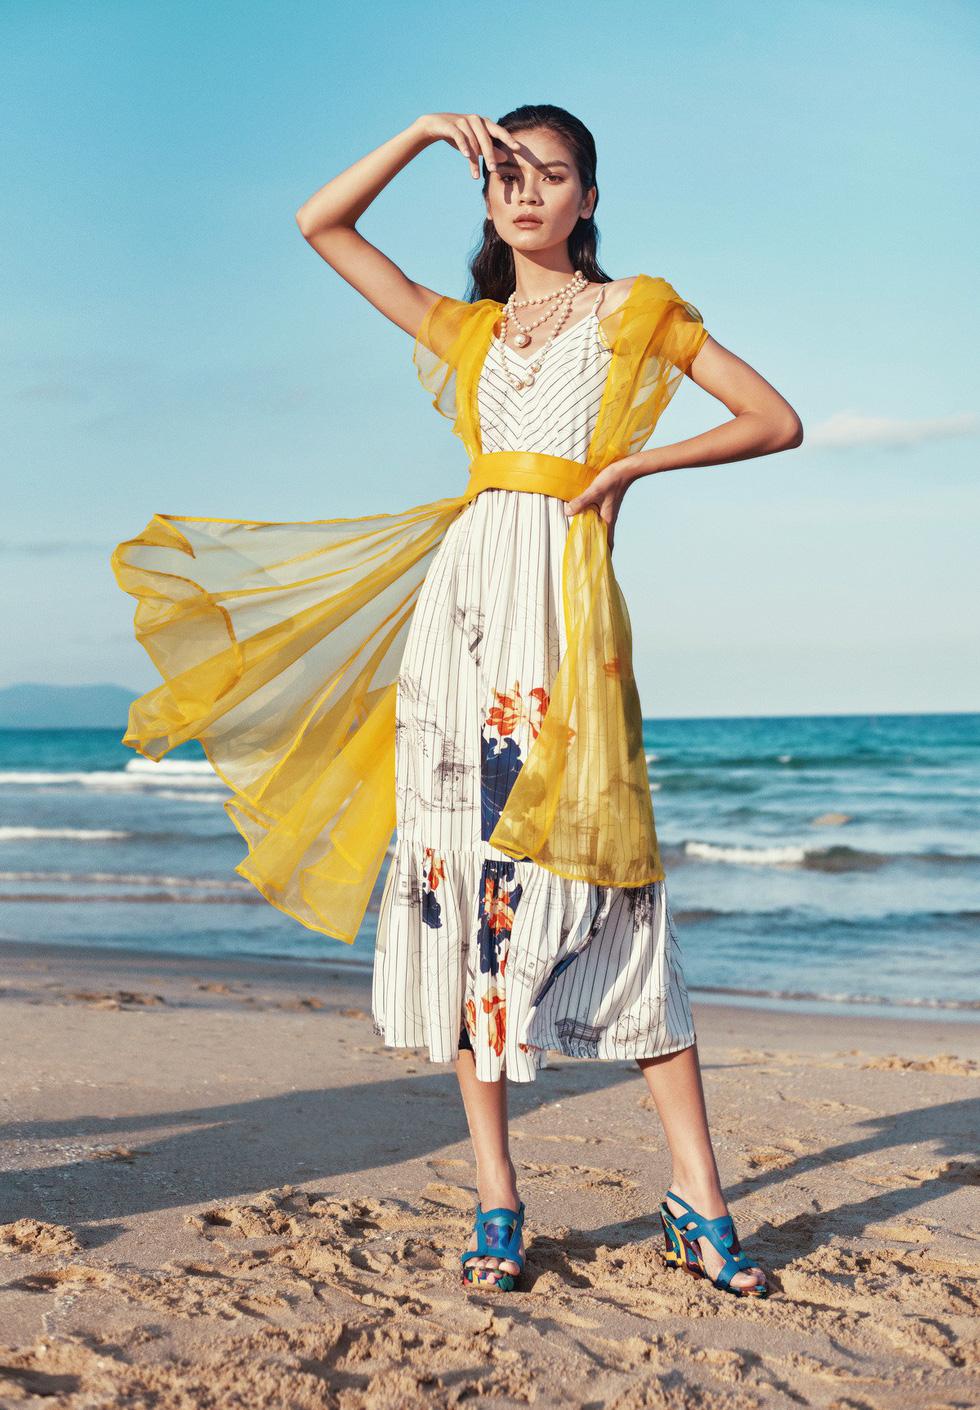 Danh thắng Việt Nam lên thời trang diễn ở Malaysia - Ảnh 2.